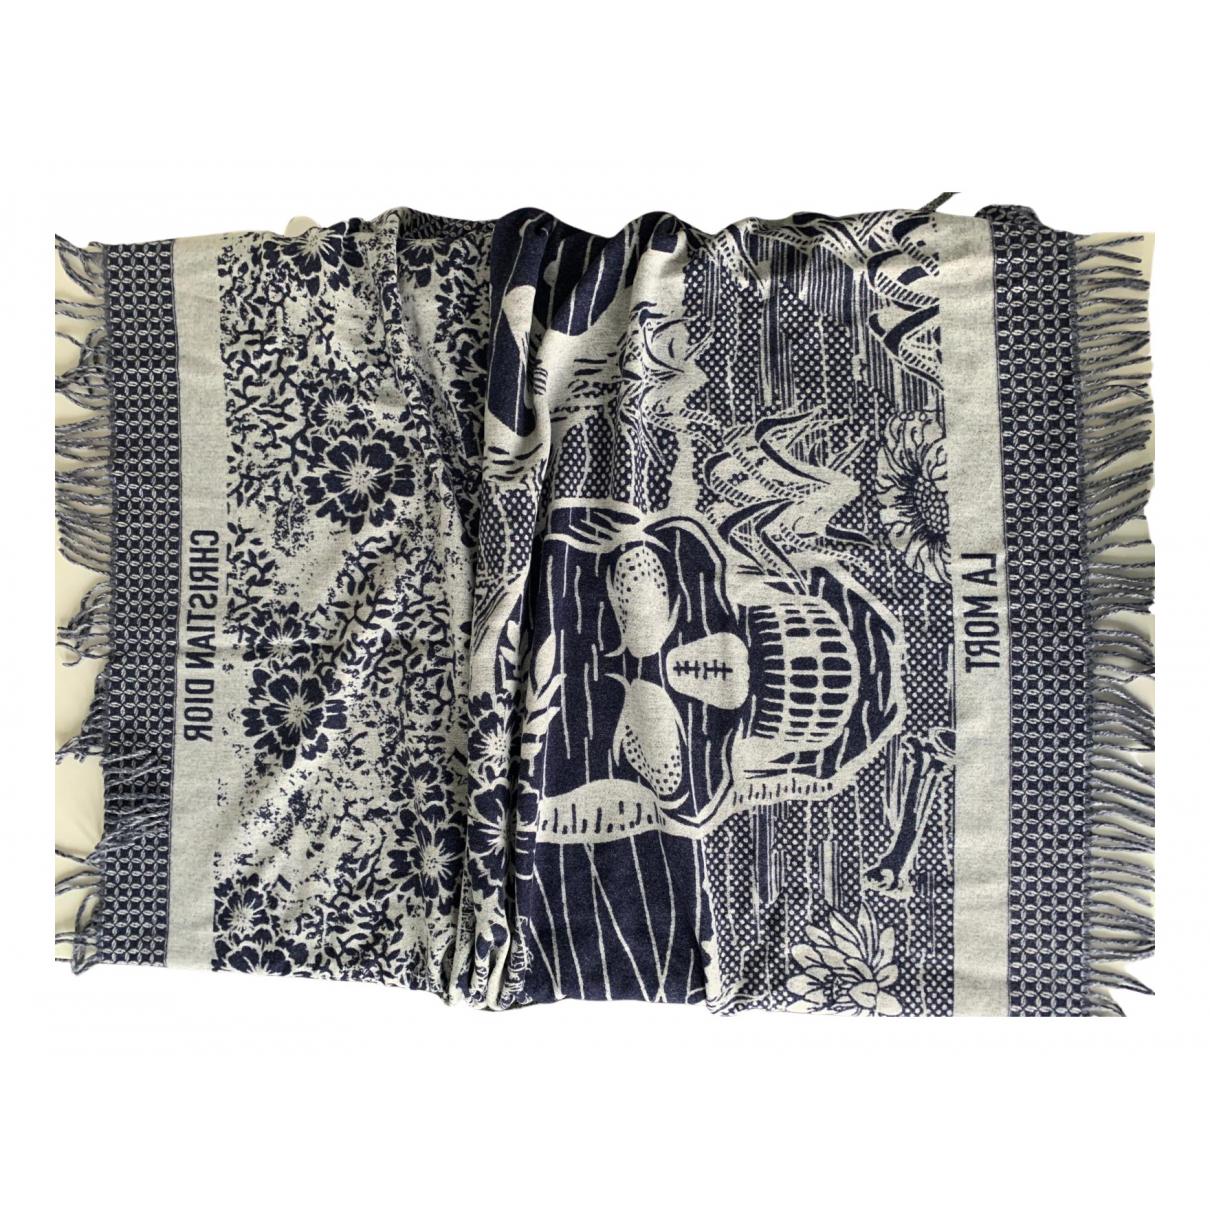 Dior - Linge de maison Toile De Jouy Sauvage pour lifestyle en coton - bleu